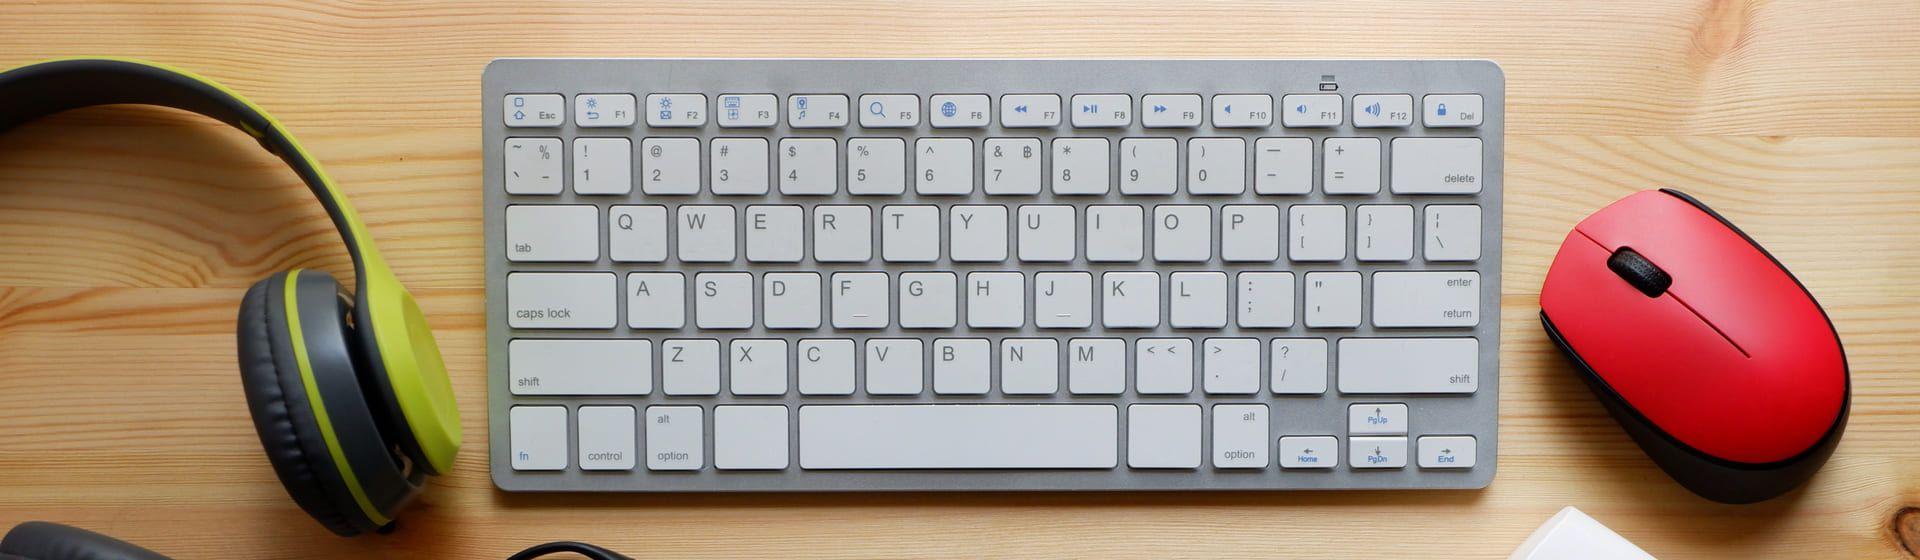 Melhor teclado Bluetooth em 2021: 8 modelos a partir de R$ 140